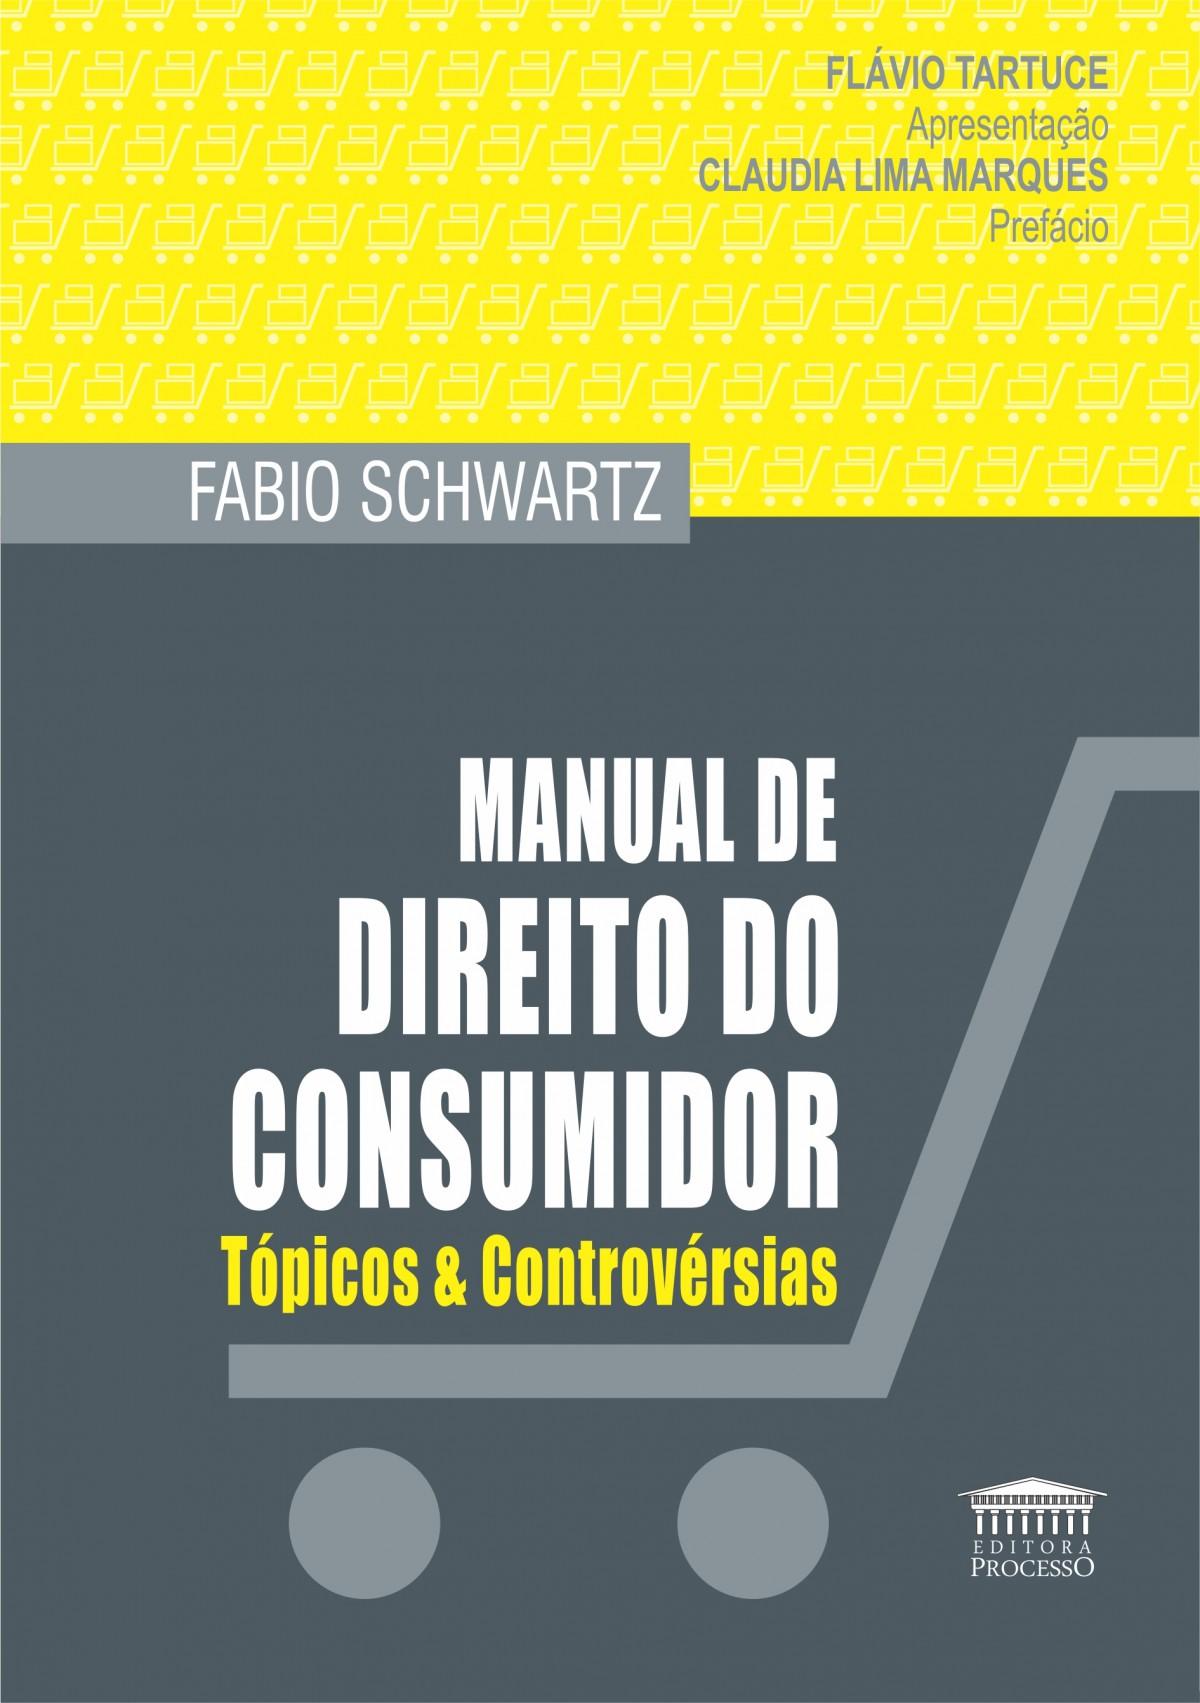 Foto 1 - Manual de Direito do Consumidor -Tópicos & Controvérsias